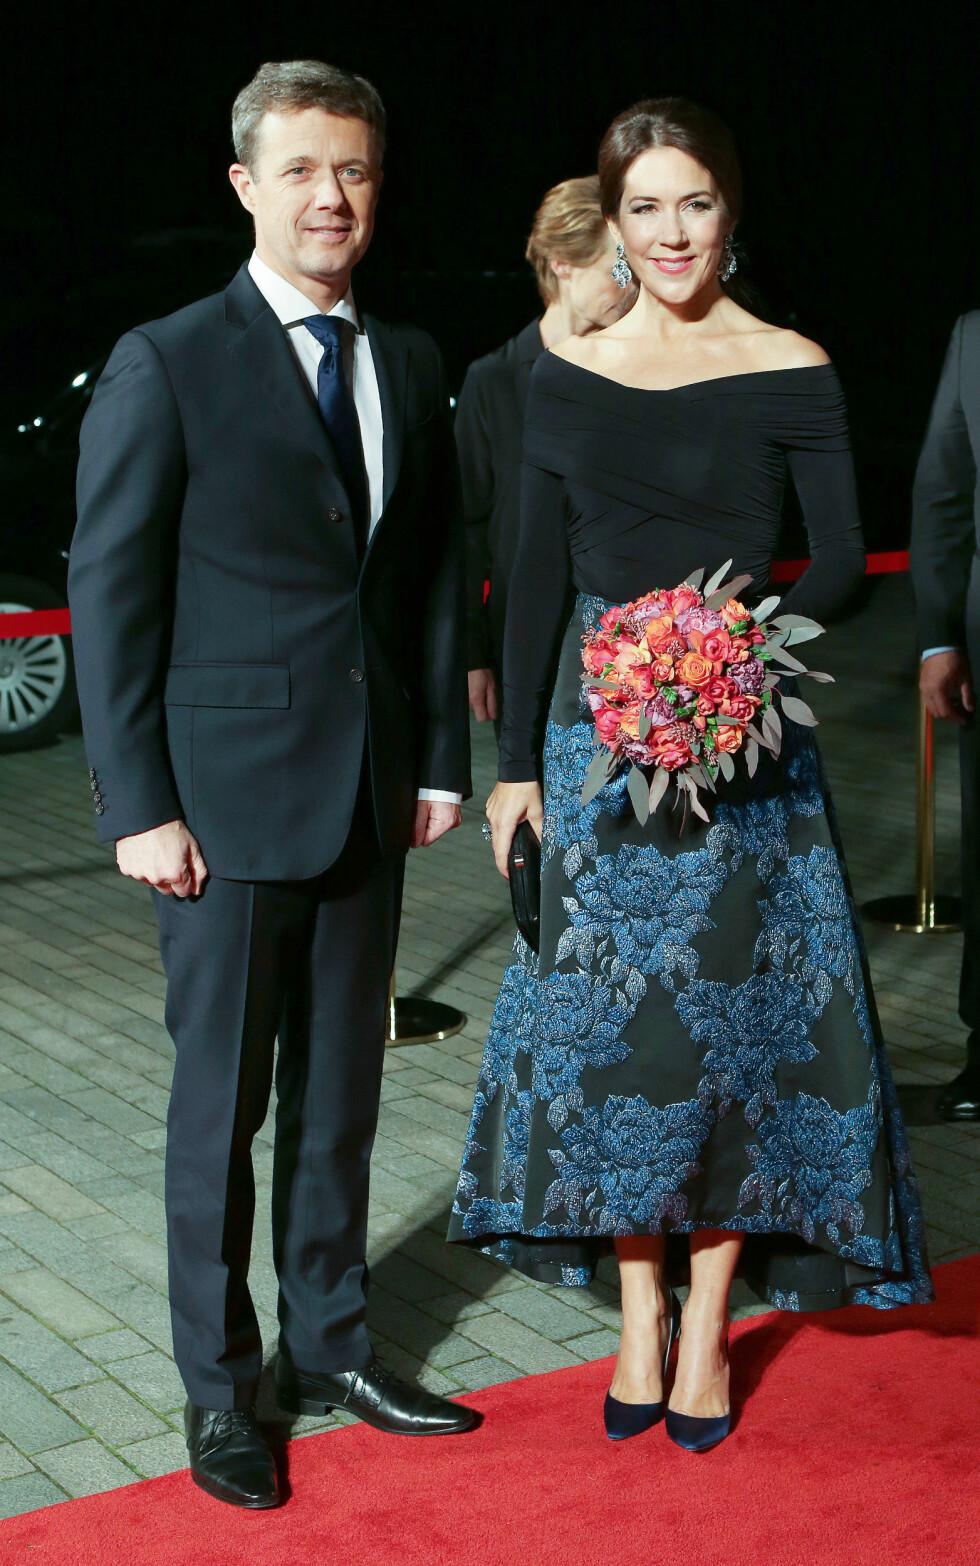 EKSOTISK: Dette bildet av kronprinsesse Mary av Danmark gir oss skikkelig señorita-vibber! Foto: NTB Scanpix